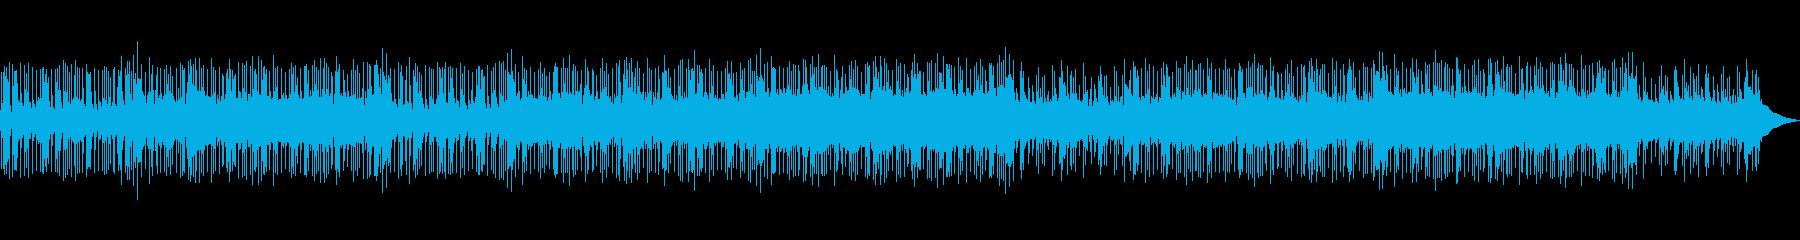 インディーポップロック・海外・スピード感の再生済みの波形